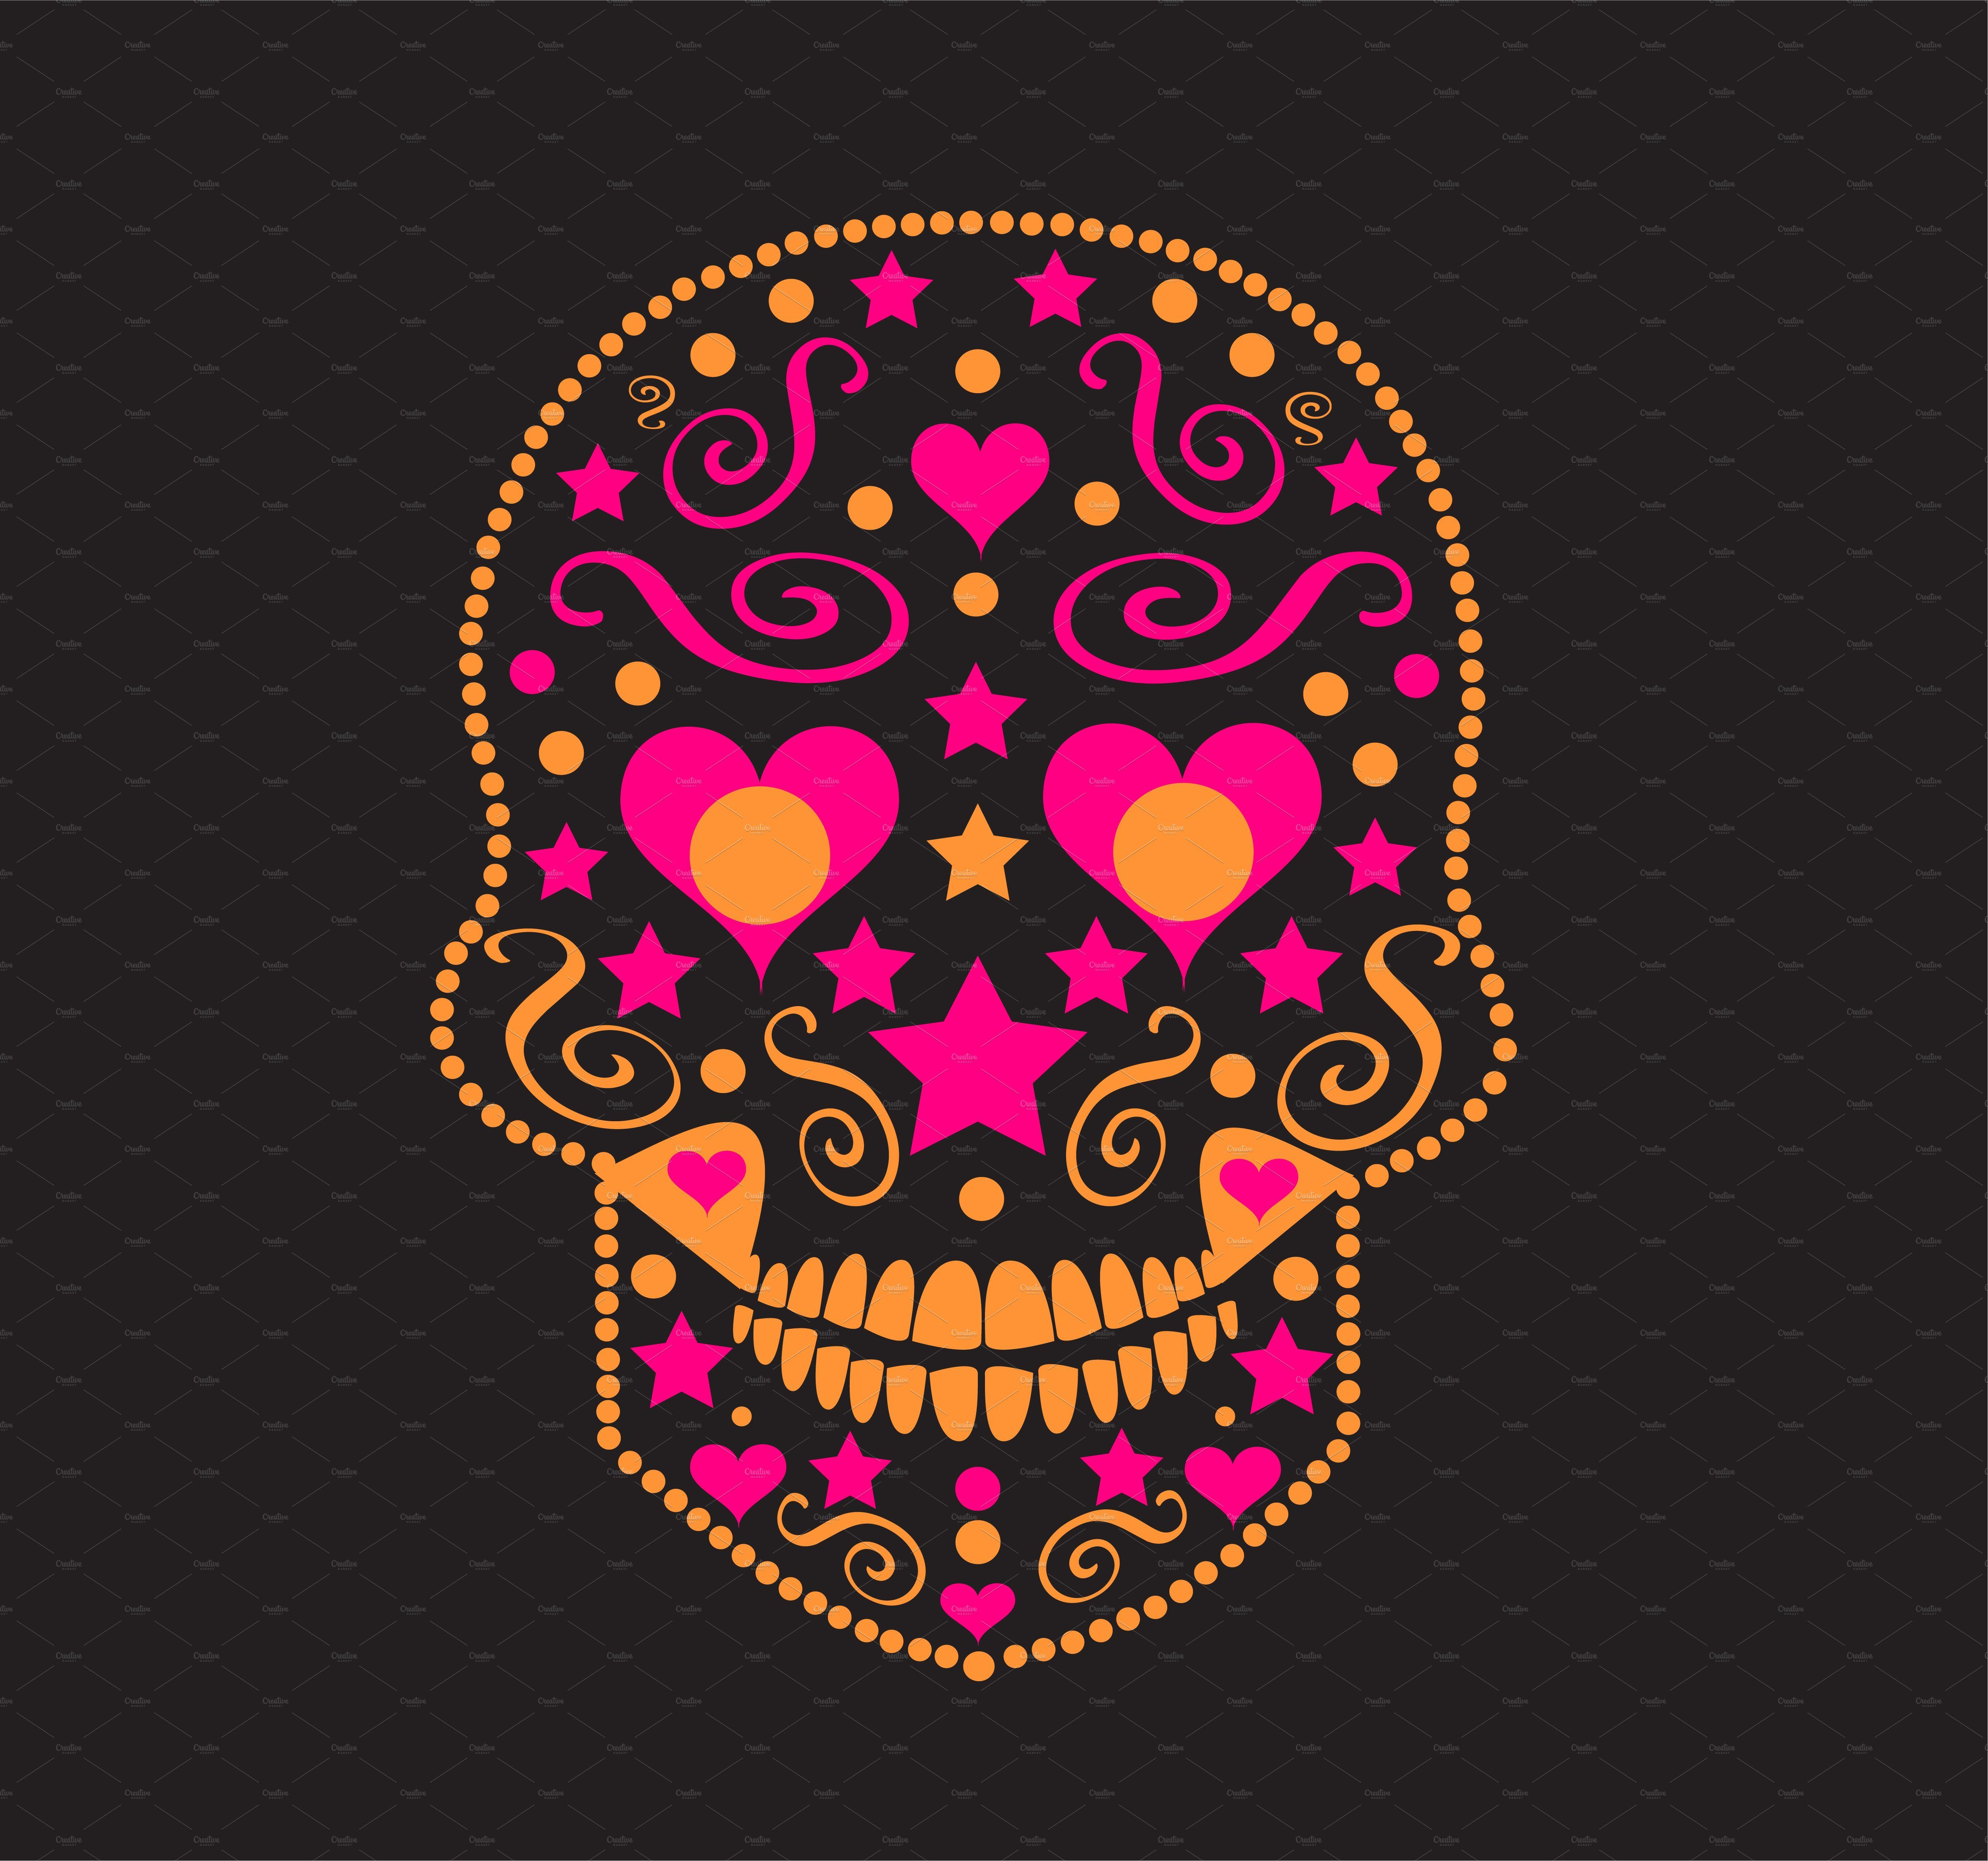 Skull with heart eyes (With images) Skull, Skull art